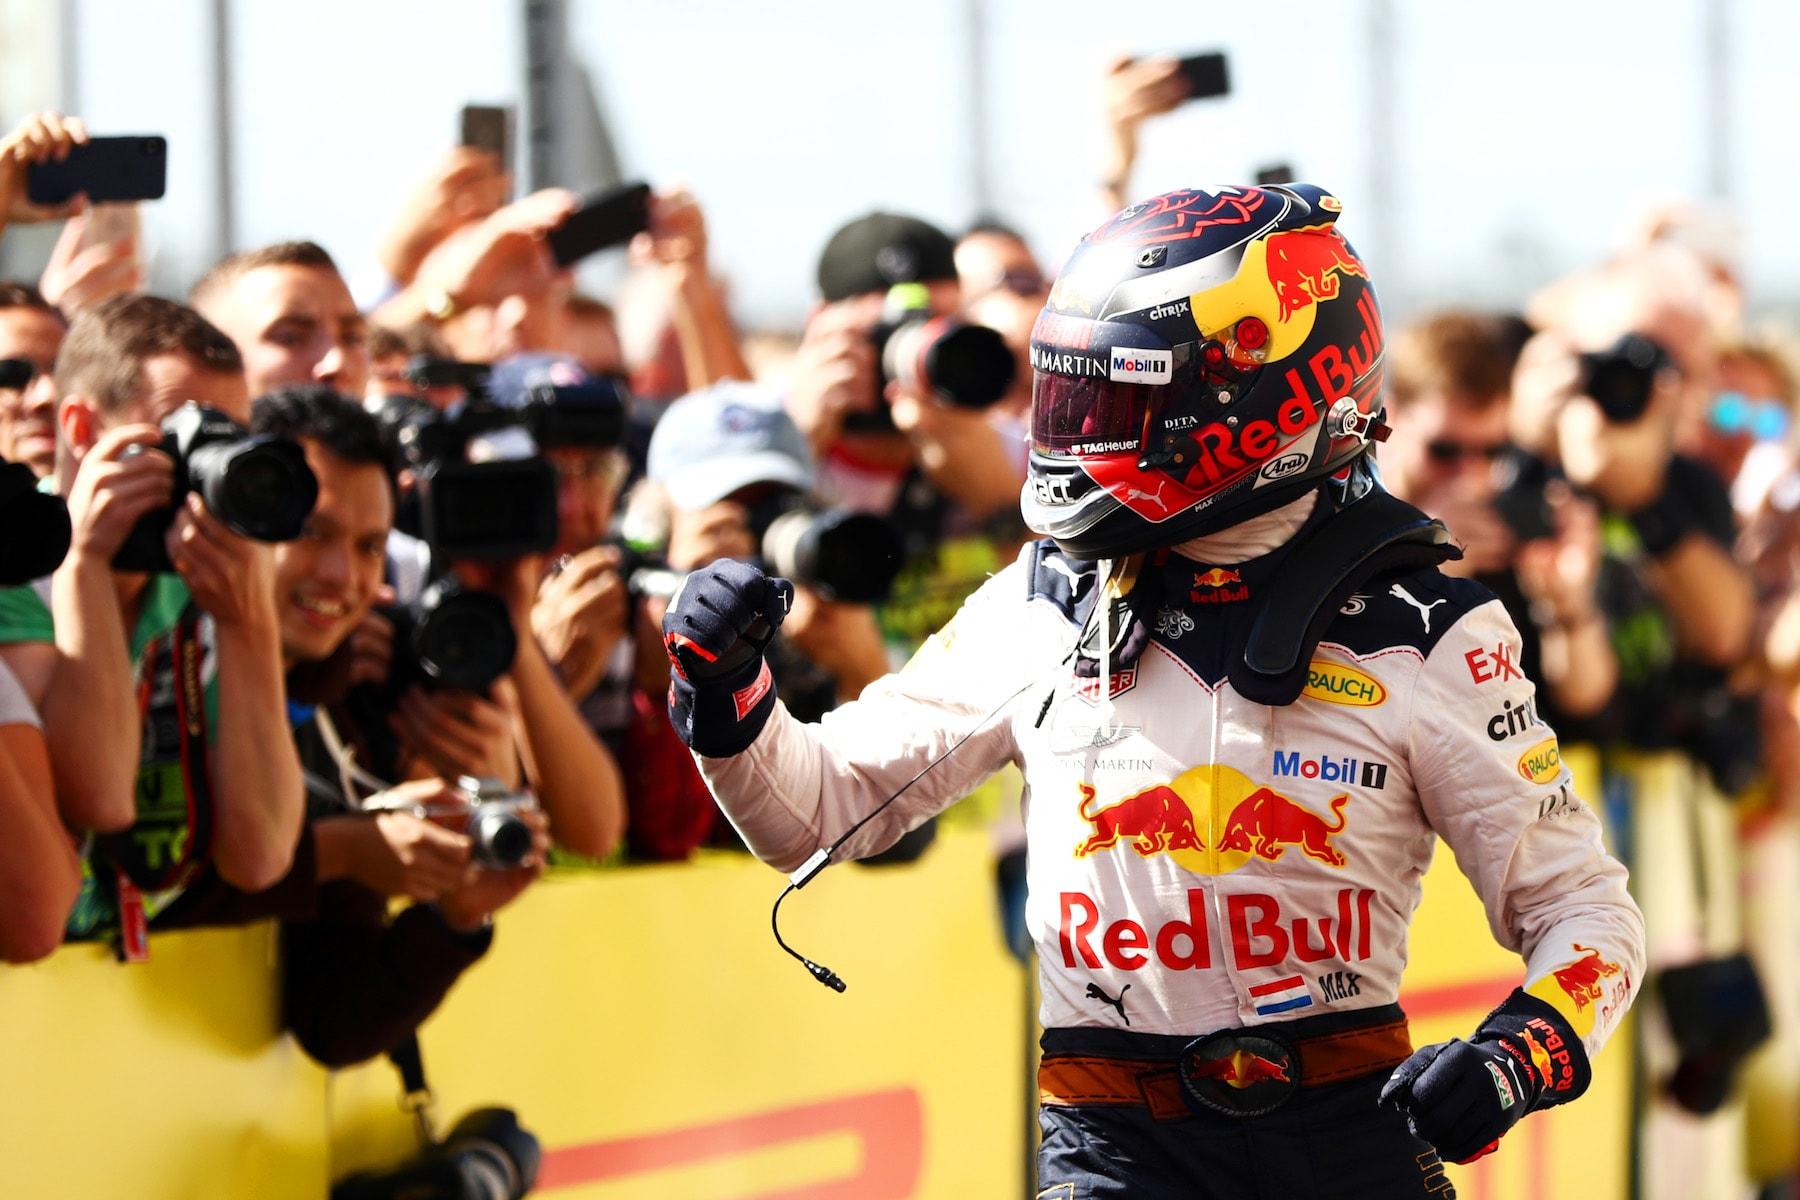 R 2018 Max Verstappen | Red Bull RB14 | 2018 USGP P3 4 copy.jpg